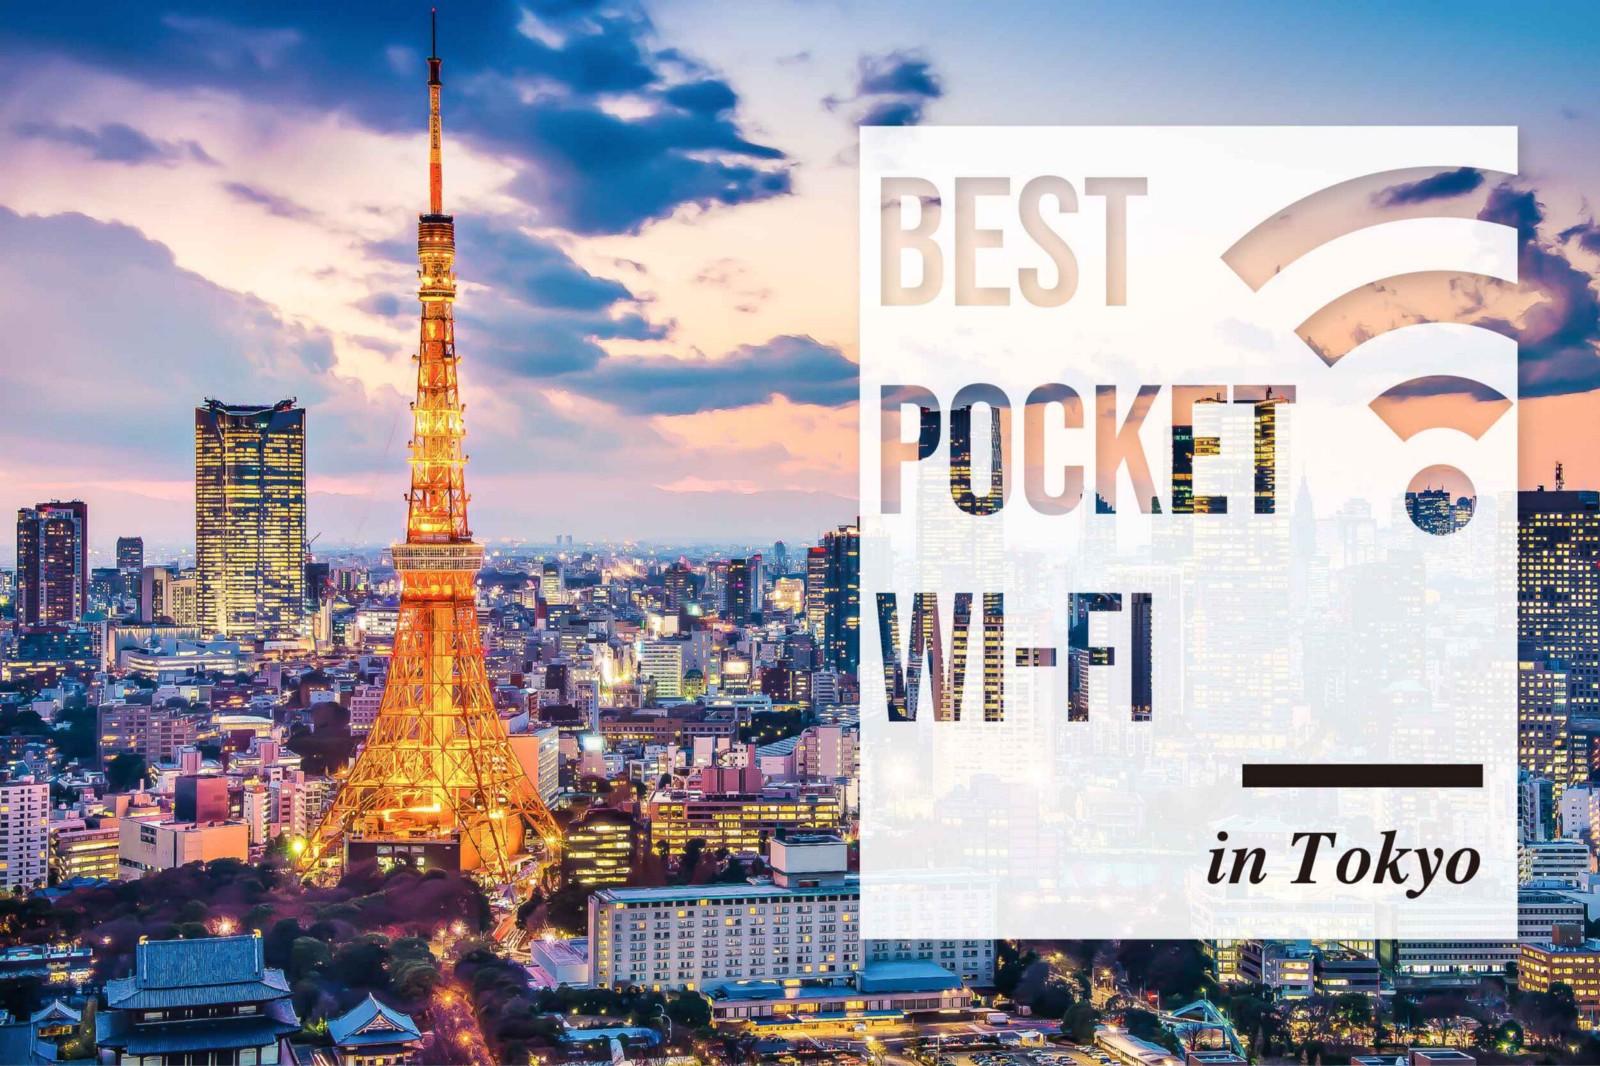 Best Pocket WiFi Rental in Tokyo